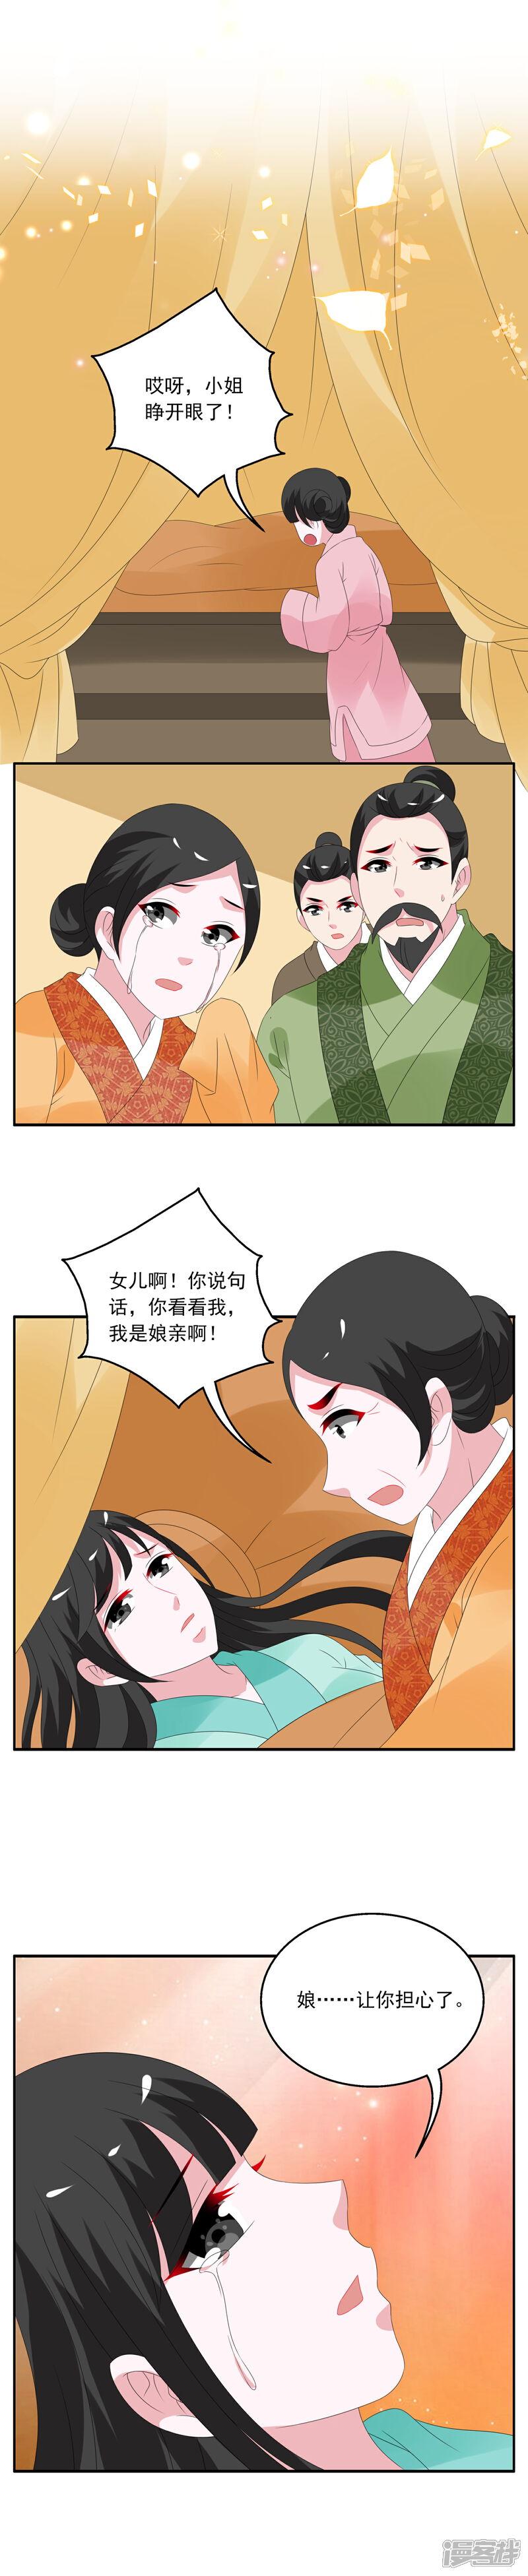 洛小妖136 (3).JPG